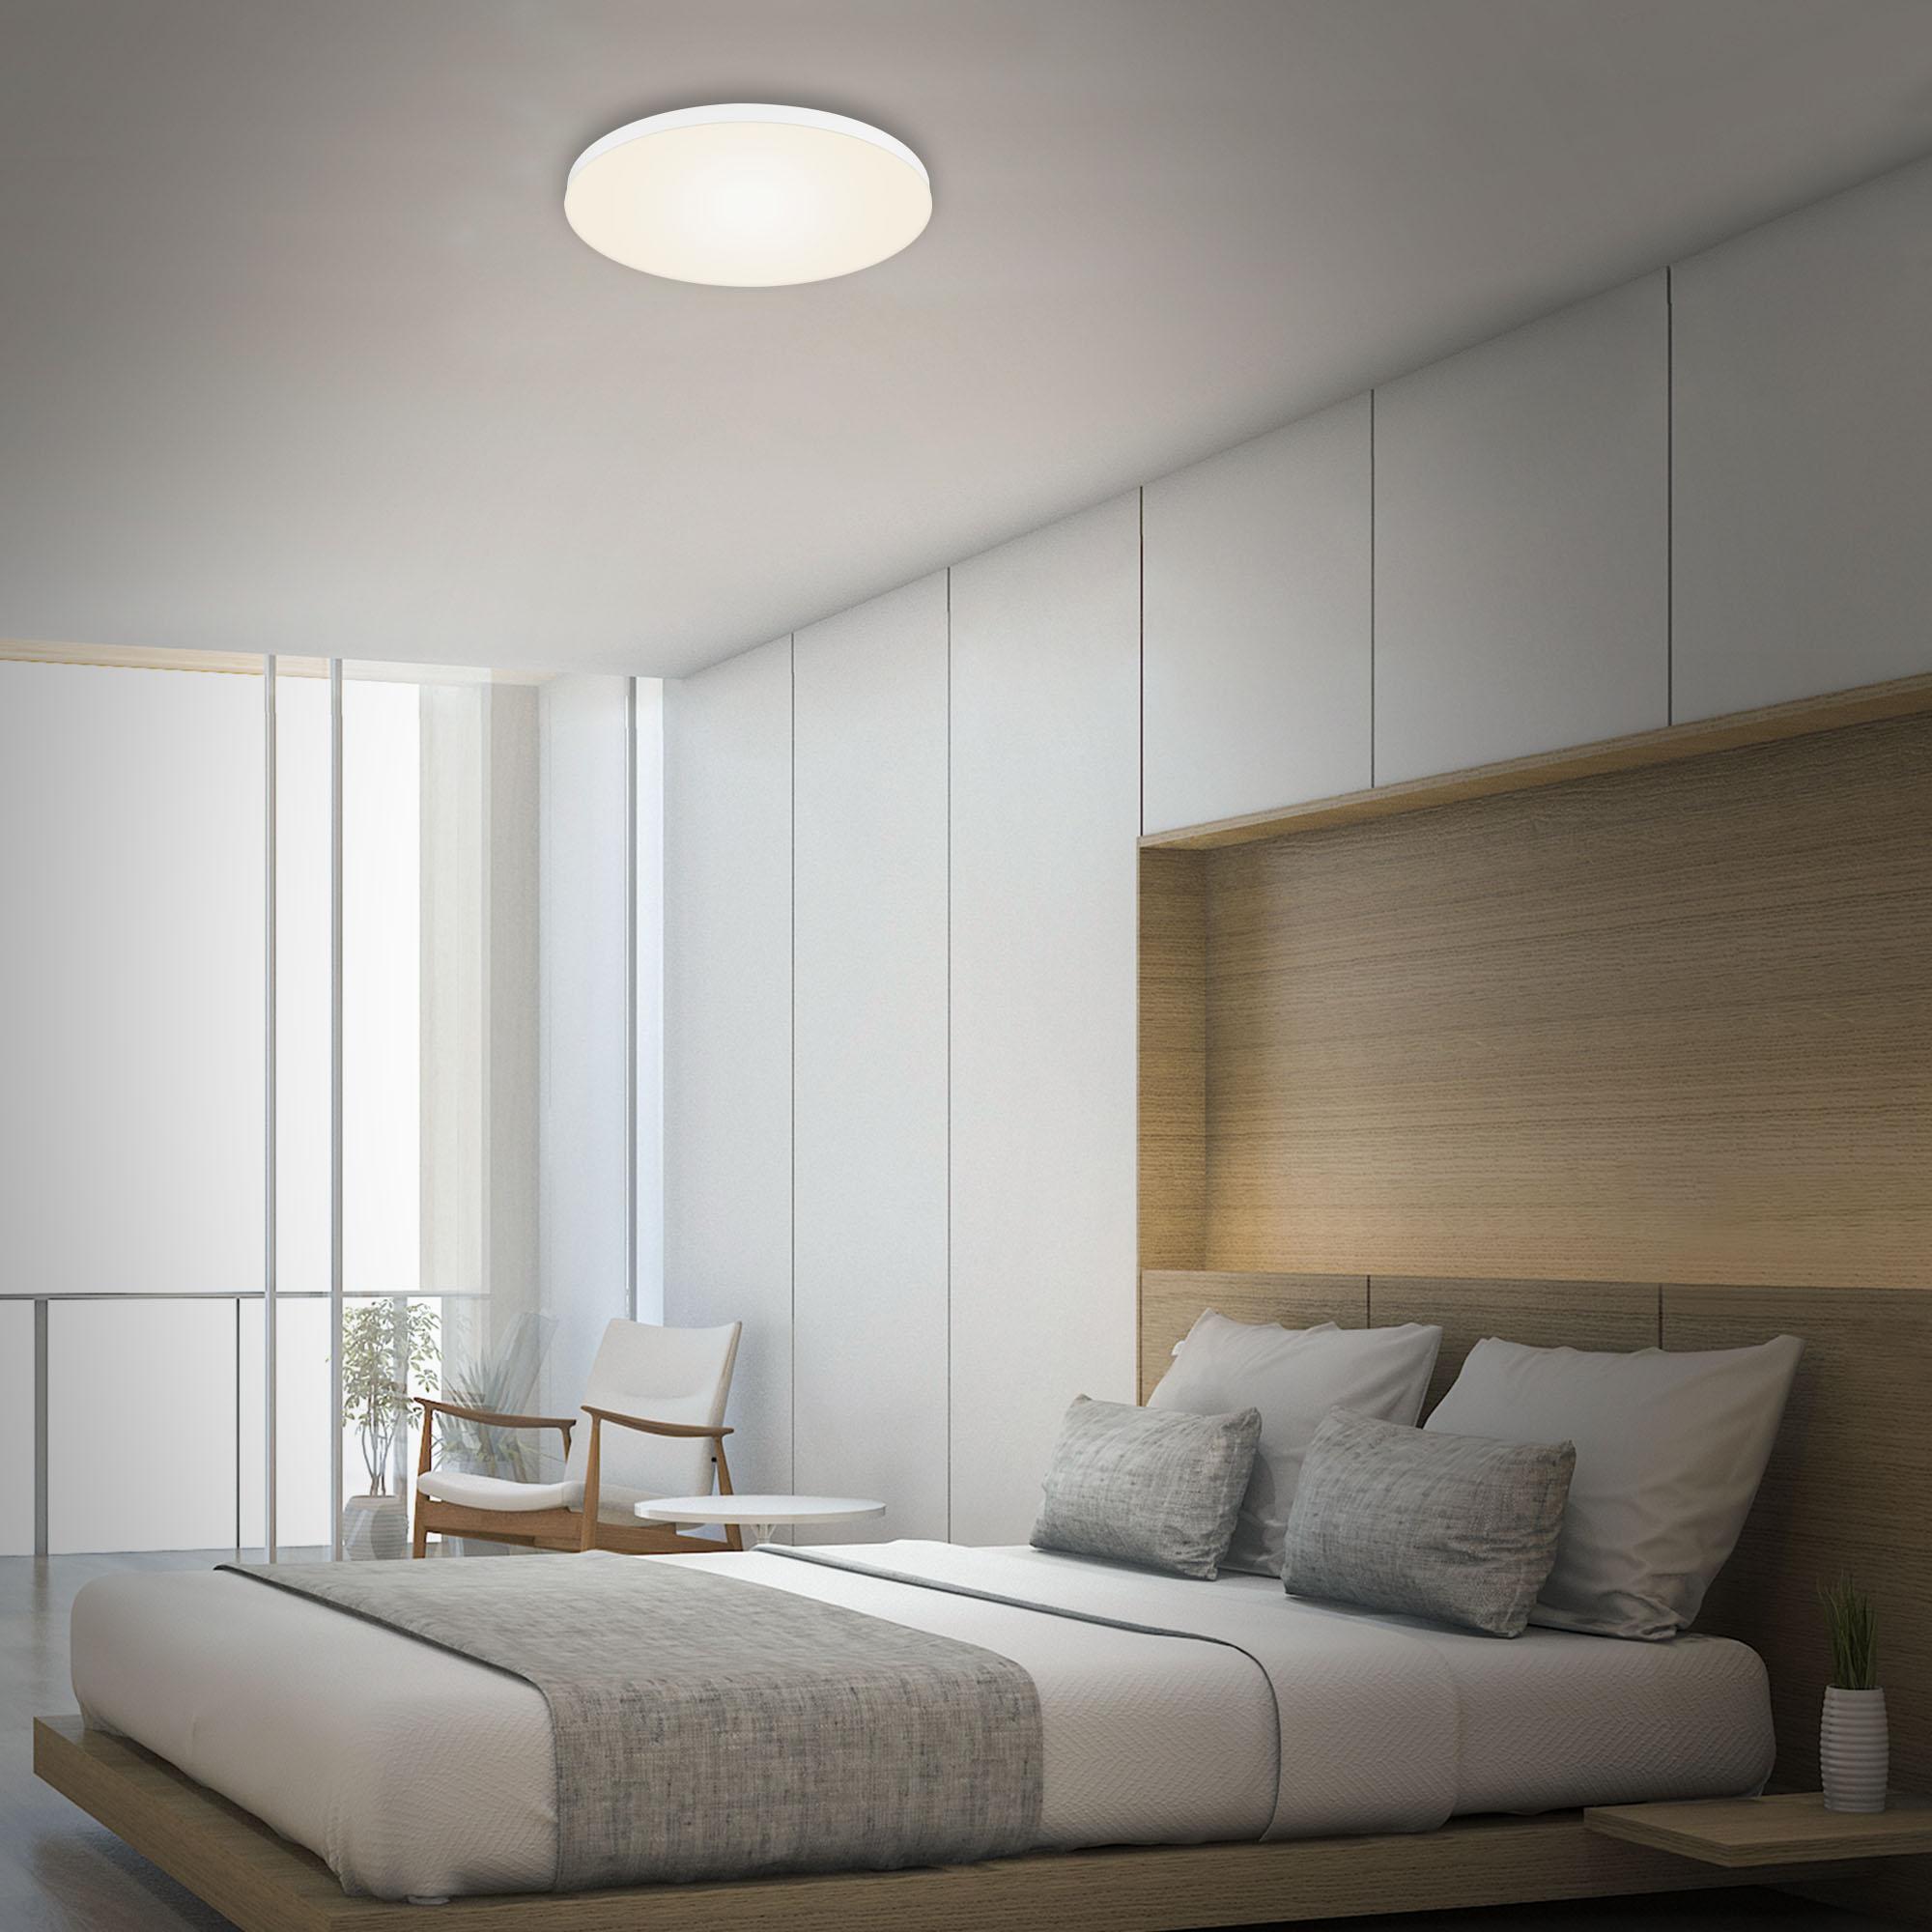 LED Deckenleuchte, Ø 38,7 cm, 24,5 W, Weiß